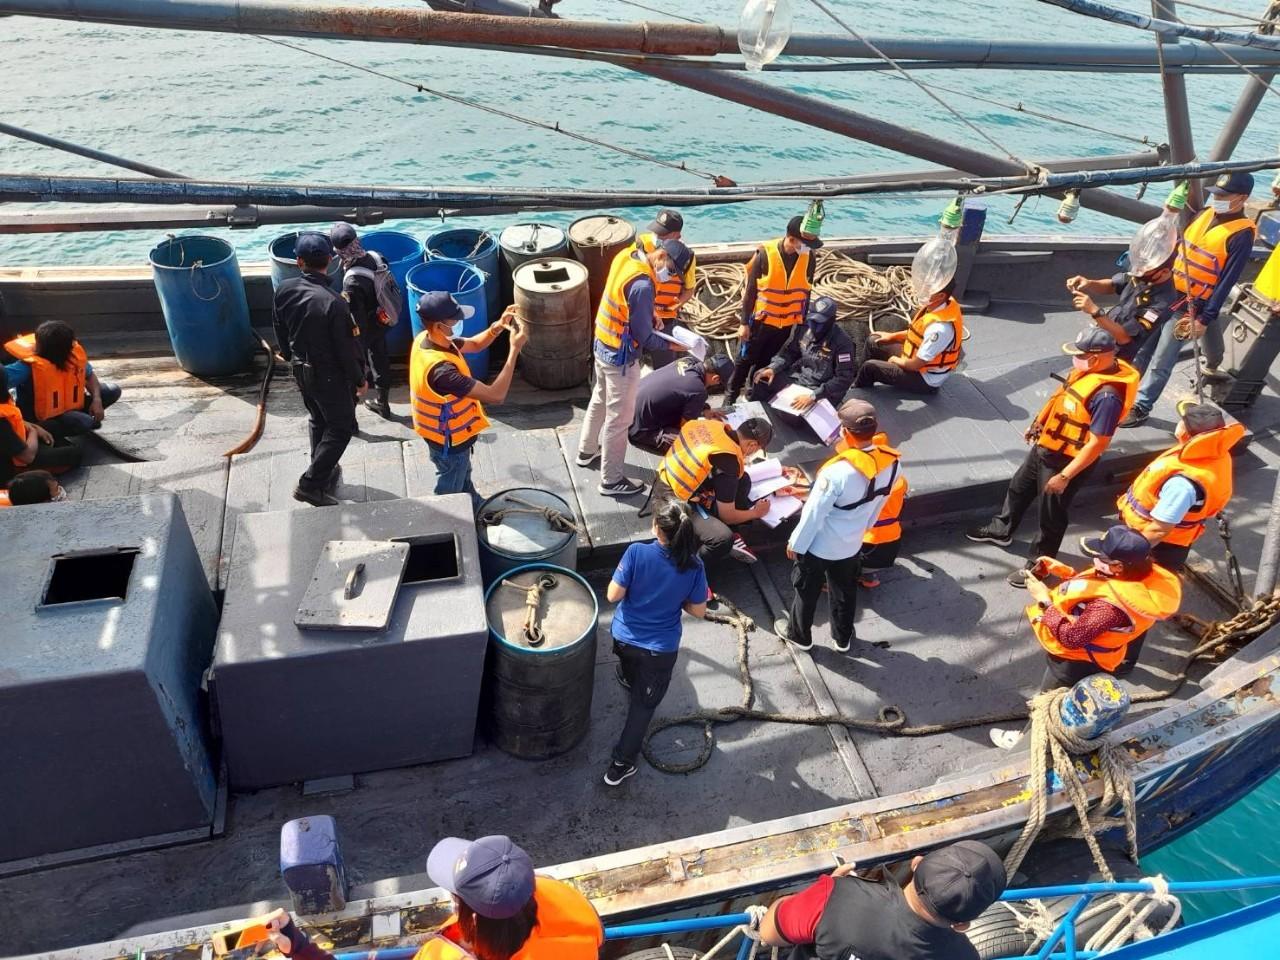 สำนักงานแรงงานจังหวัดระยอง ร่วมบูรณาการตรวจการค้ามนุษย์ด้านแรงงานในกิจการประมงทะเลจังหวัดระยอง